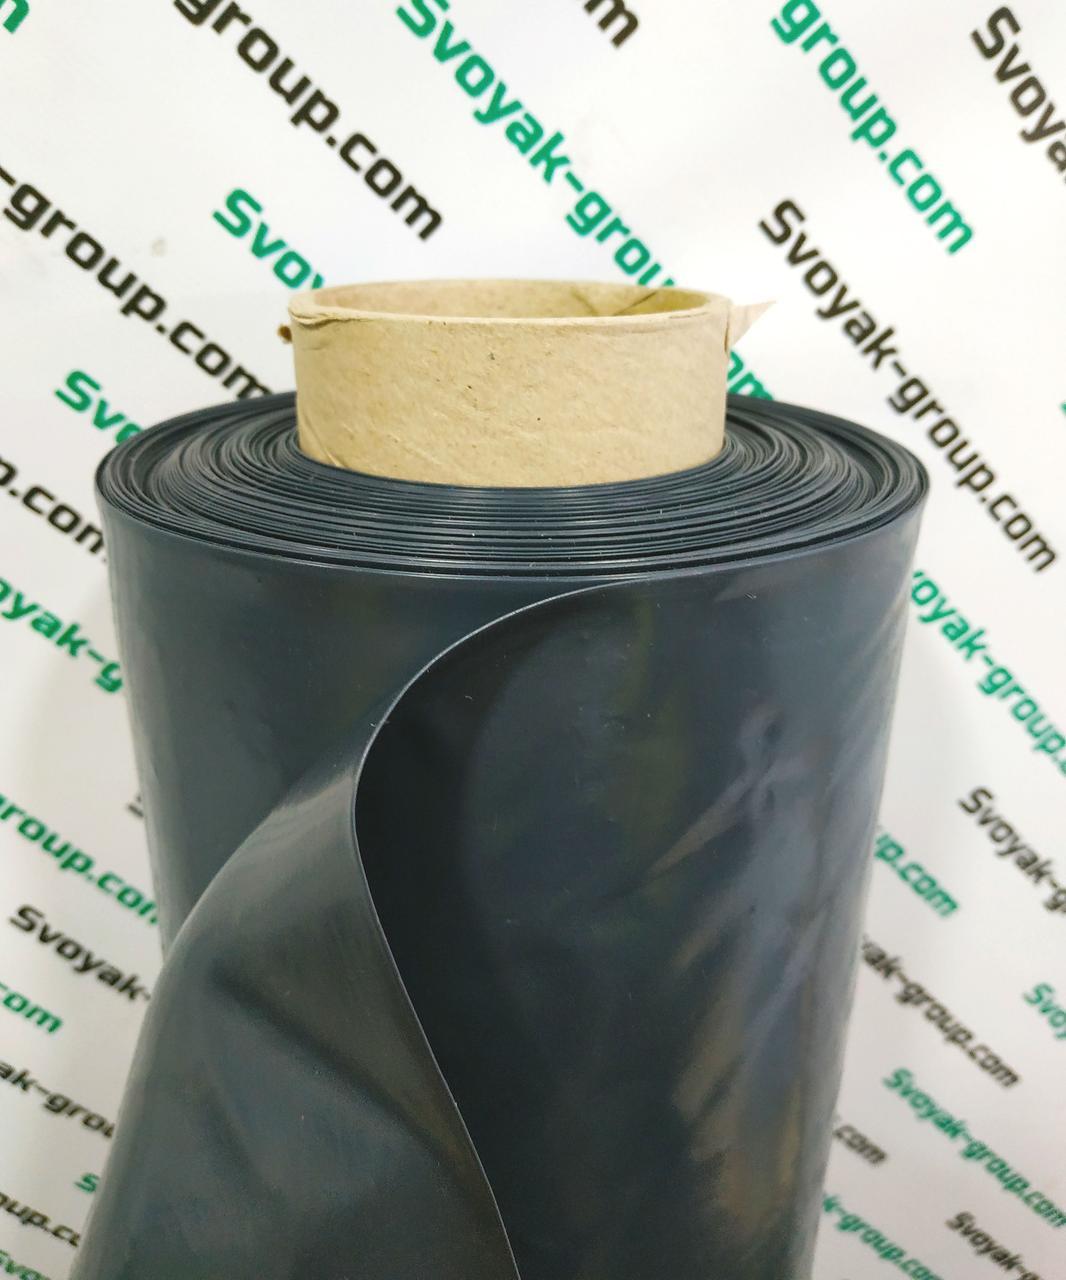 Пленка черная полиэтиленовая 65 мкм., 3м.х100м.Полиэтиленовая ( для мульчирования, строительная).